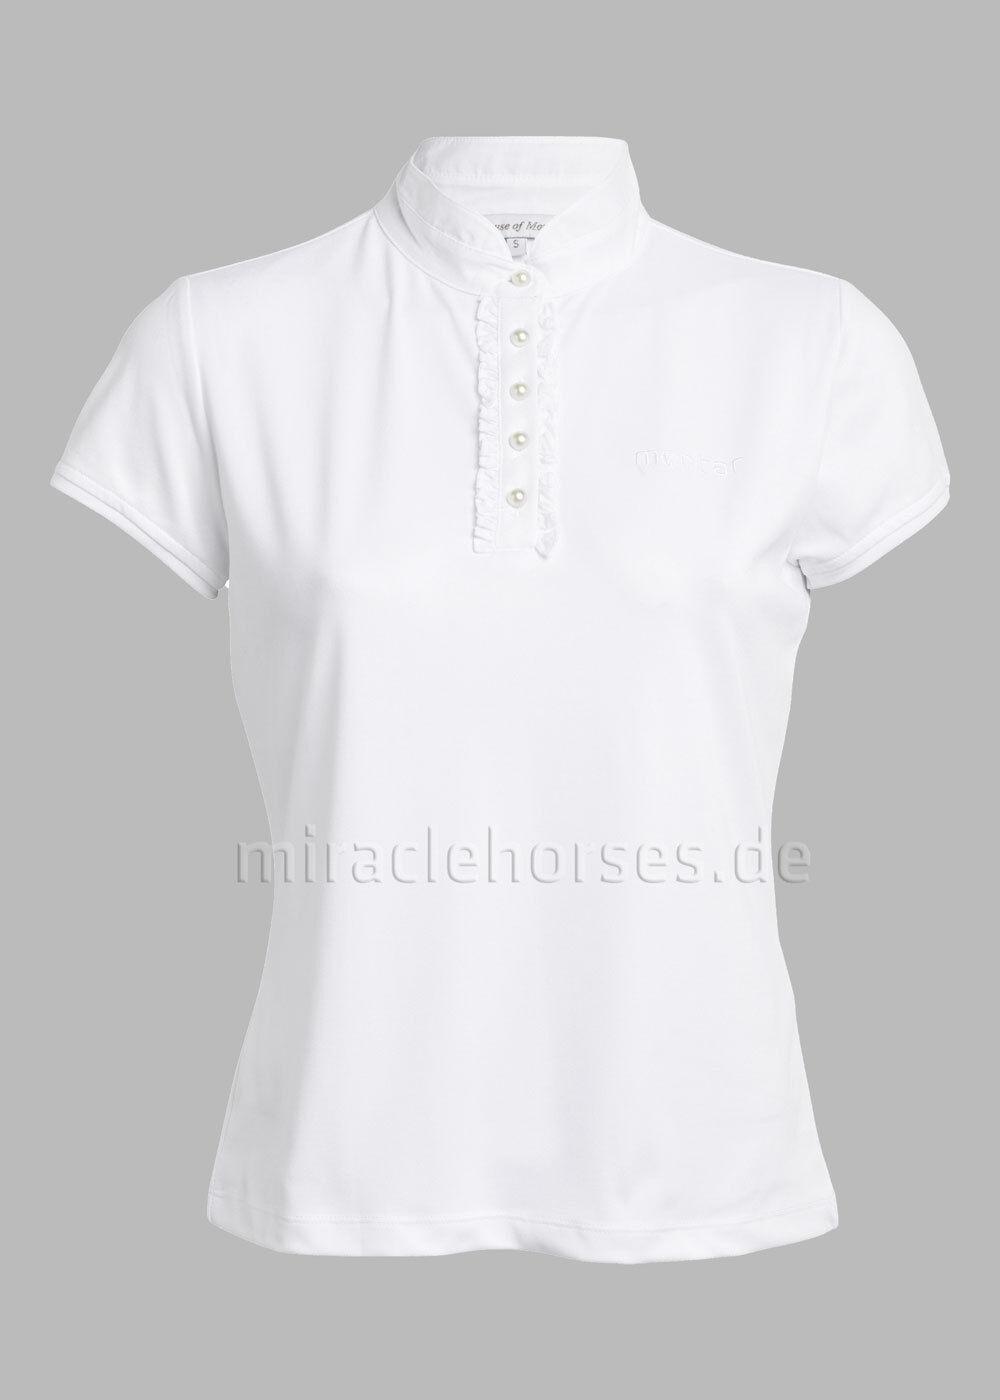 Montar® Damen Turniershirt Weiß weiß  Gr. S S S b36801